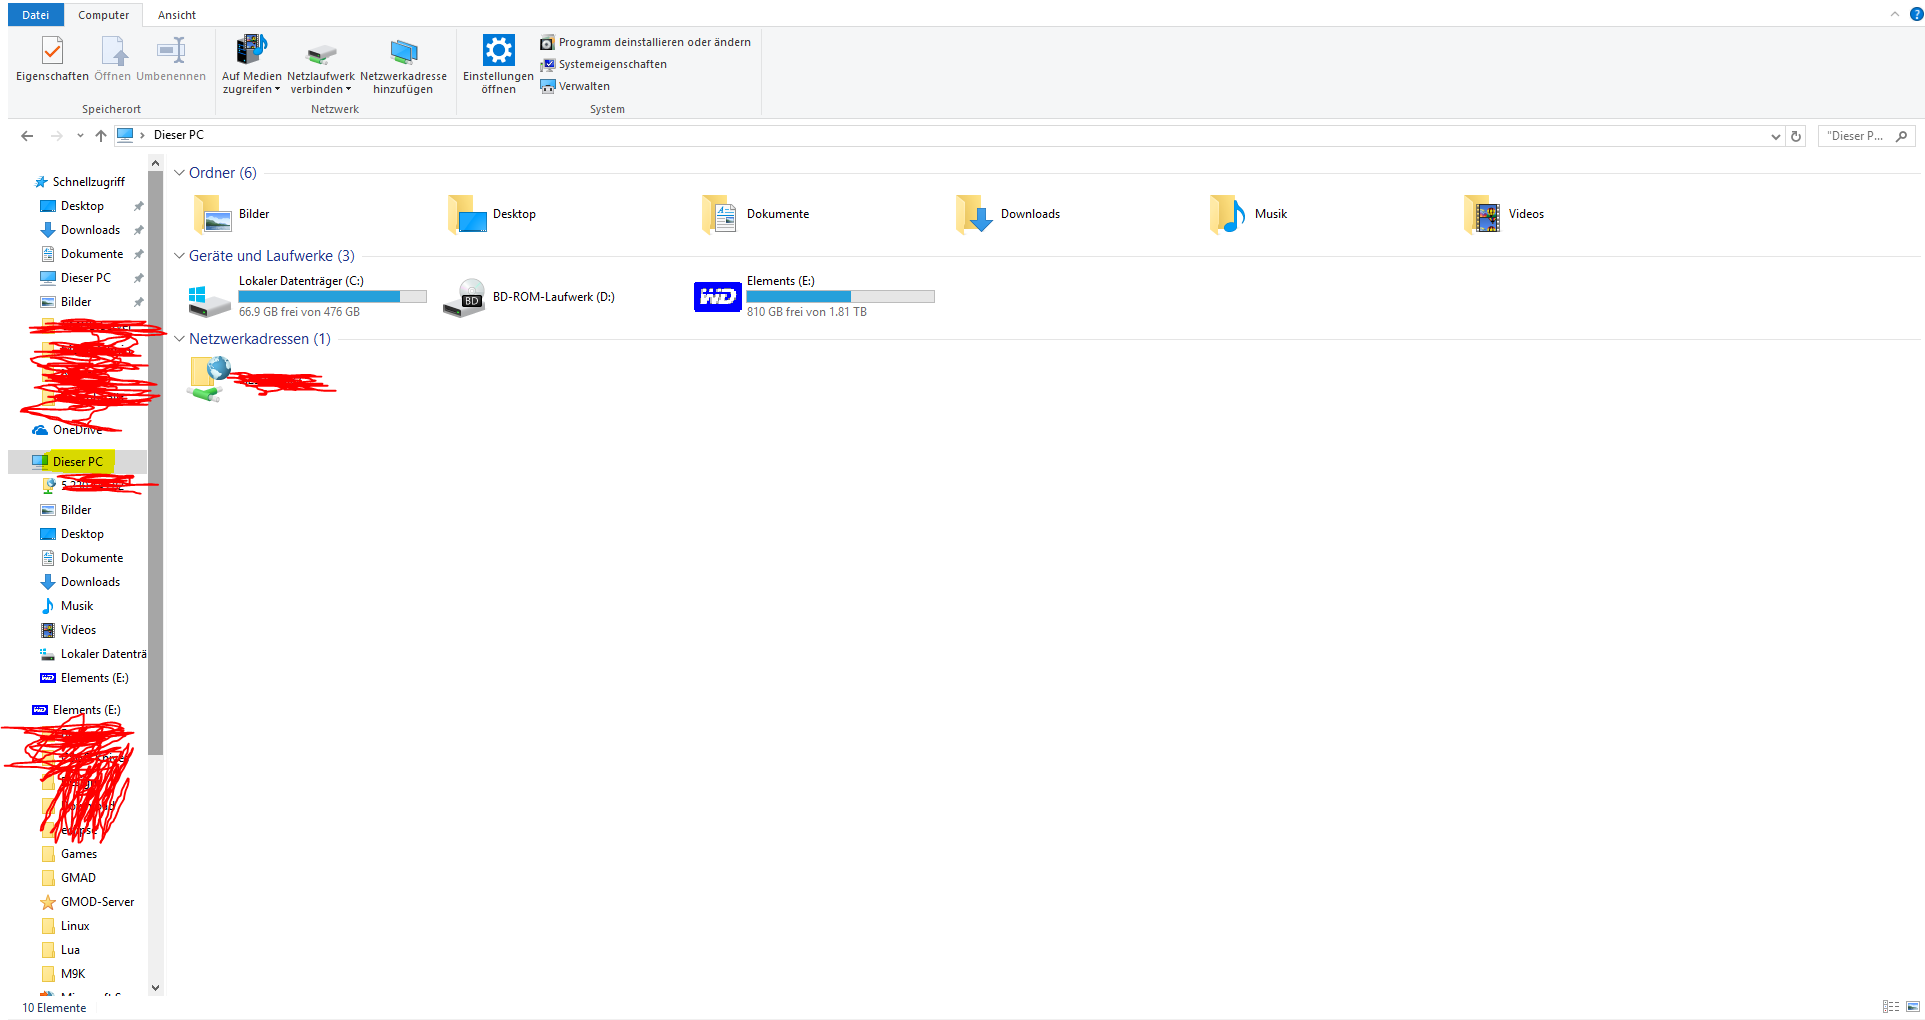 FTP Auf Seinem VServer Installieren FTP Ordner Auf Seinem PC - Minecraft server erstellen vserver